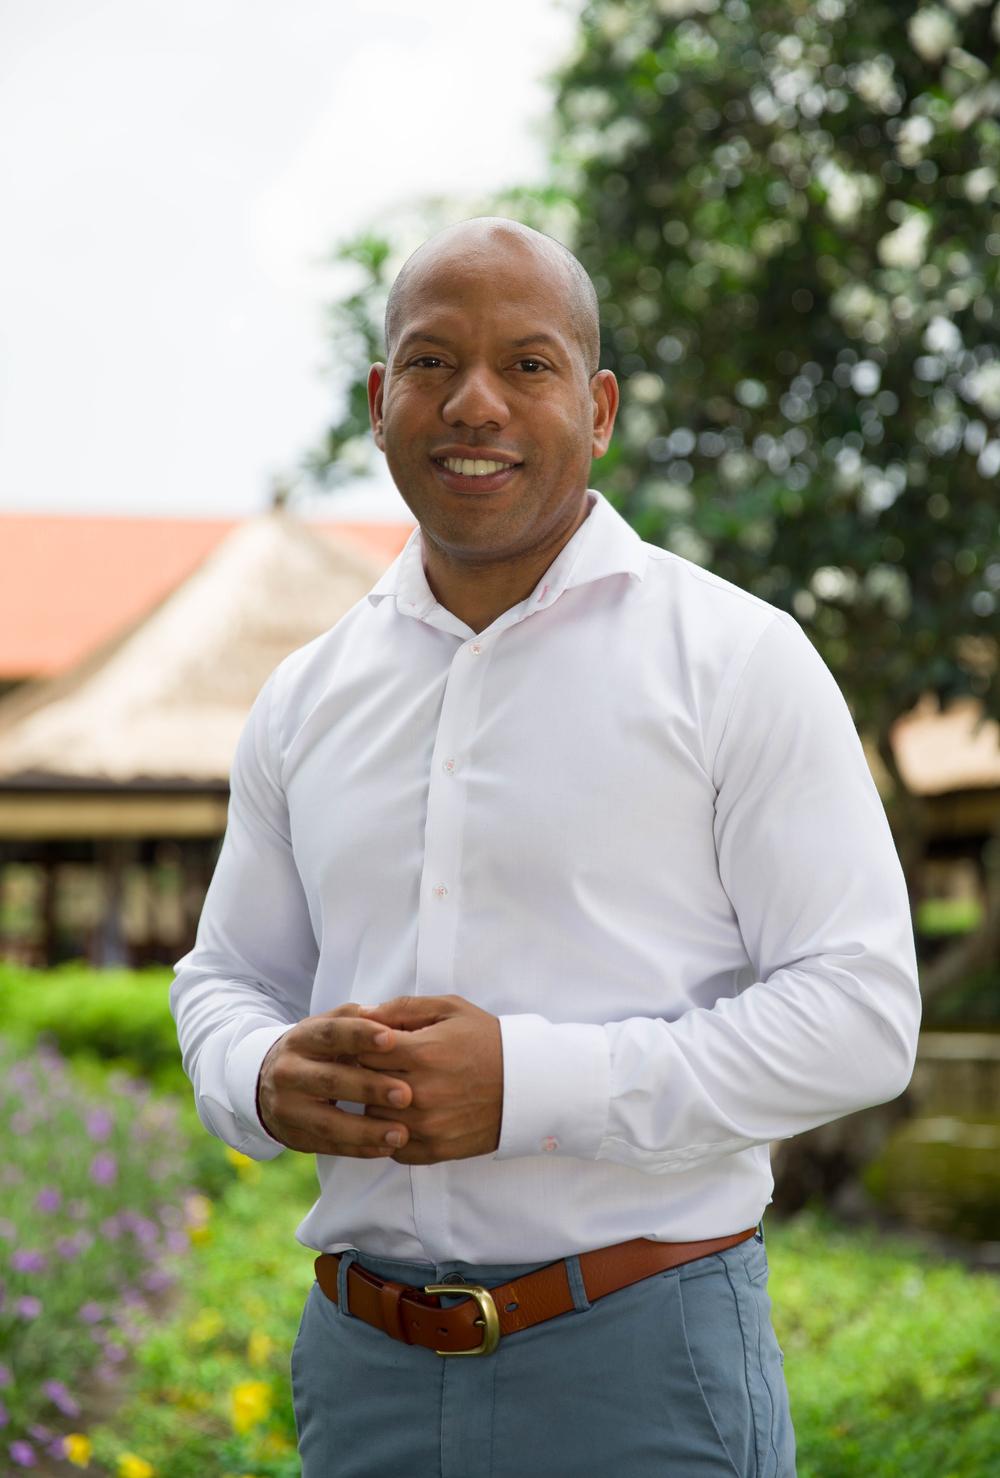 Clive Edwards, General Manager - The AYANA Resort & Spa, The Villas at AYANA and Rimba Jimbaran Hotel